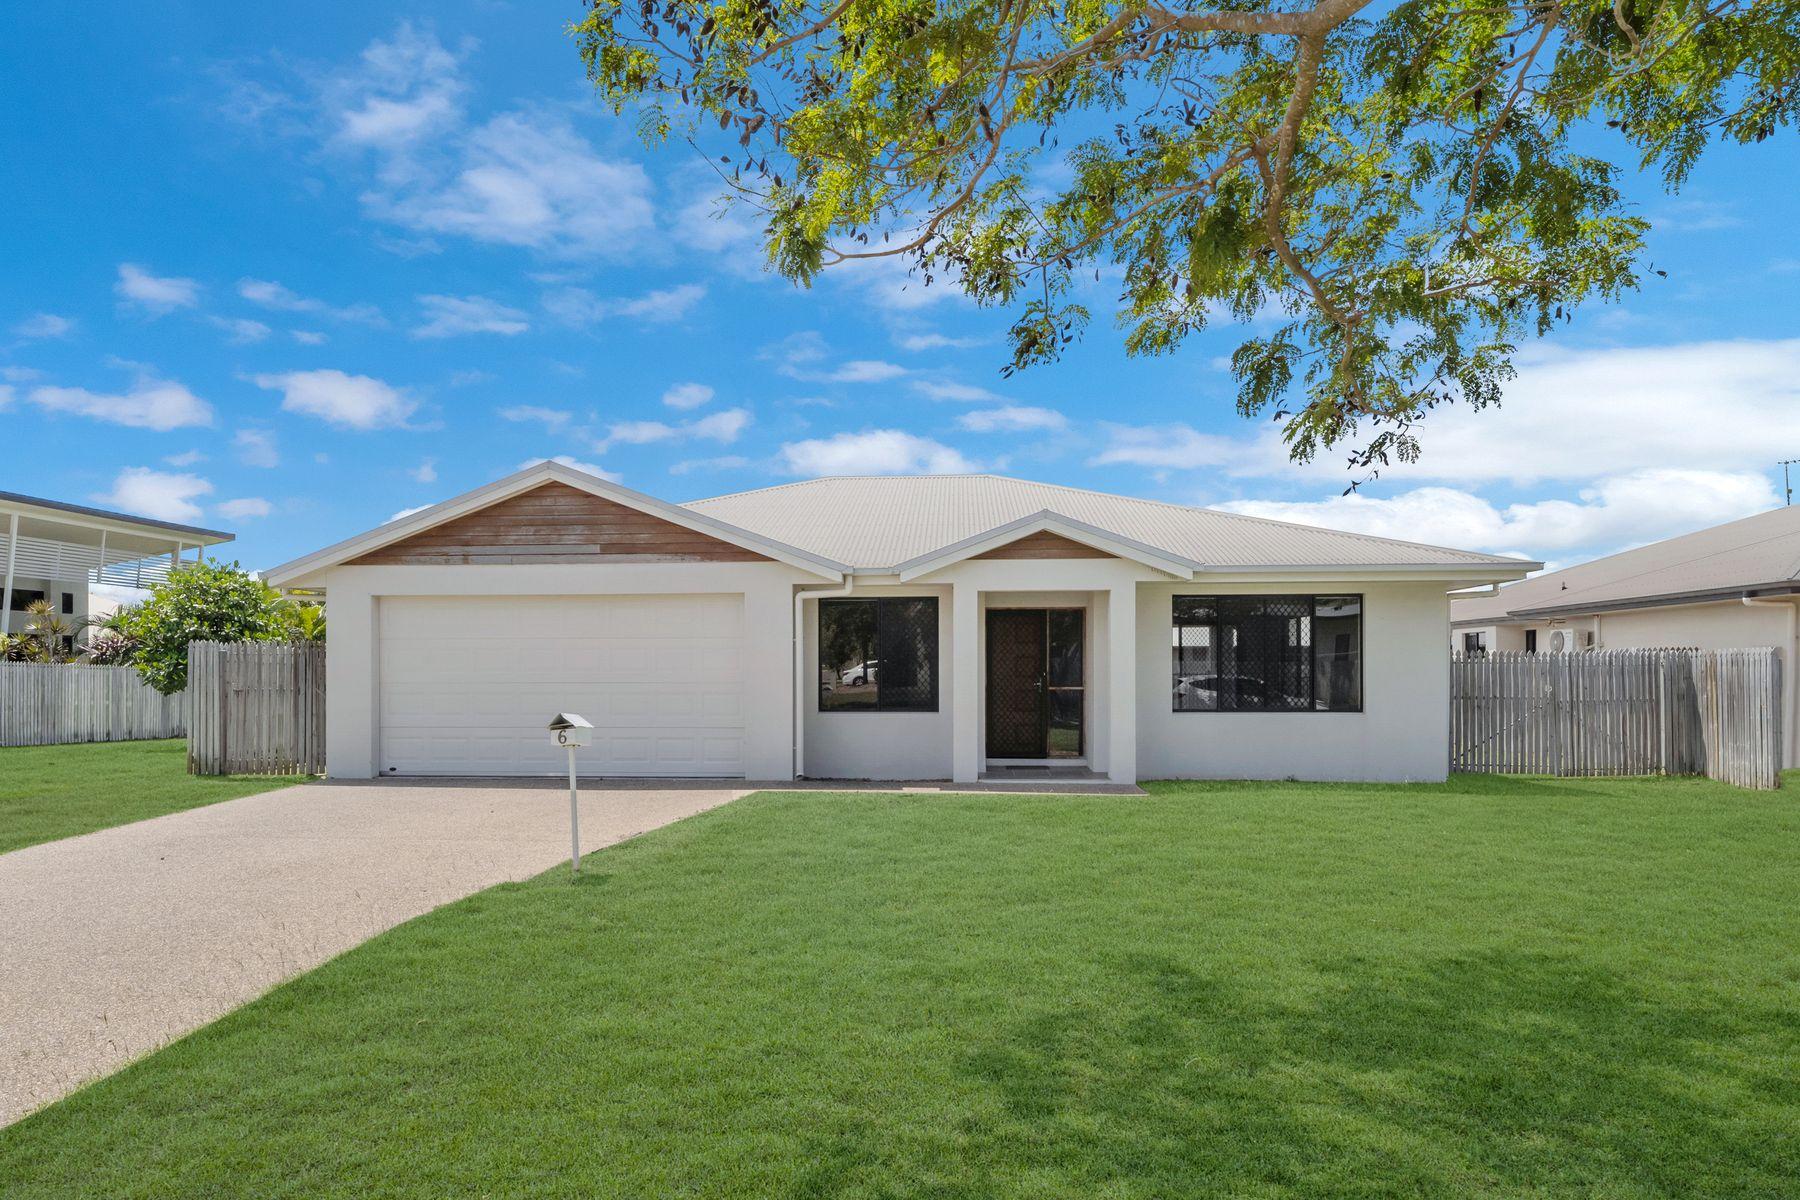 6 Kroymans Drive, Mount Louisa, QLD 4814